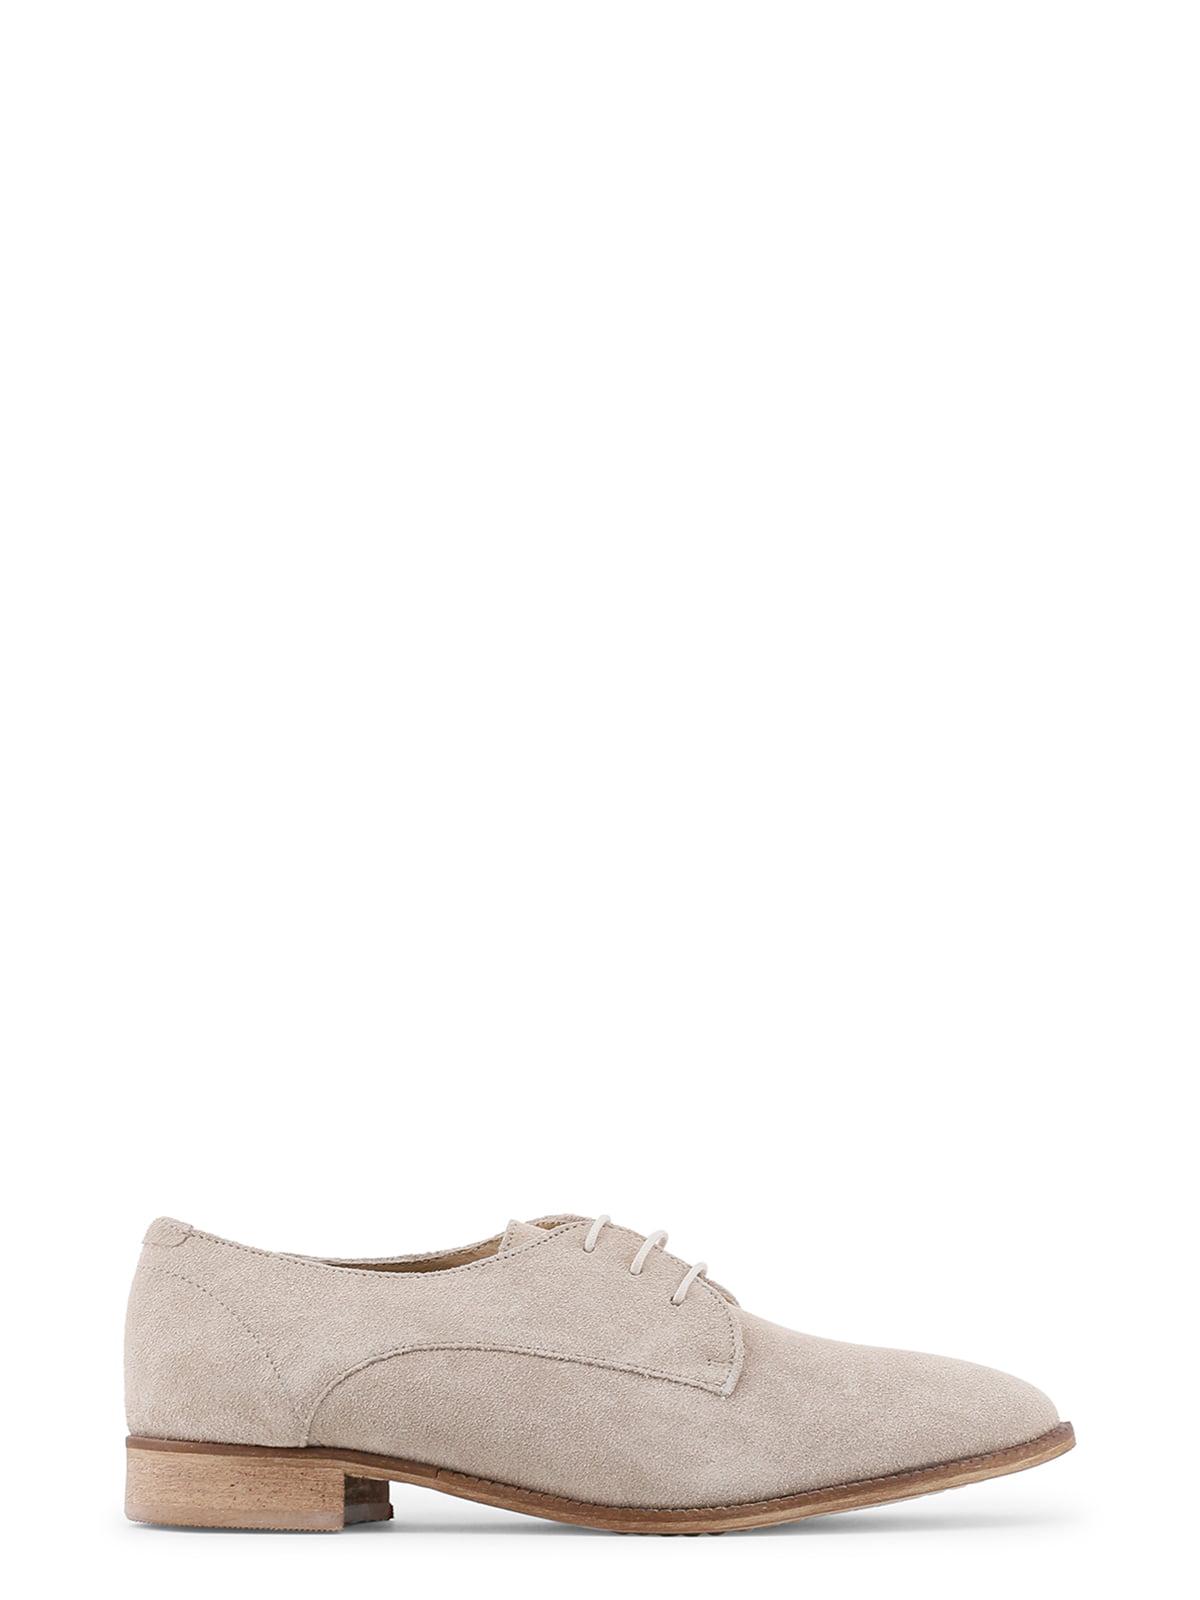 Туфли бежевые | 4085150